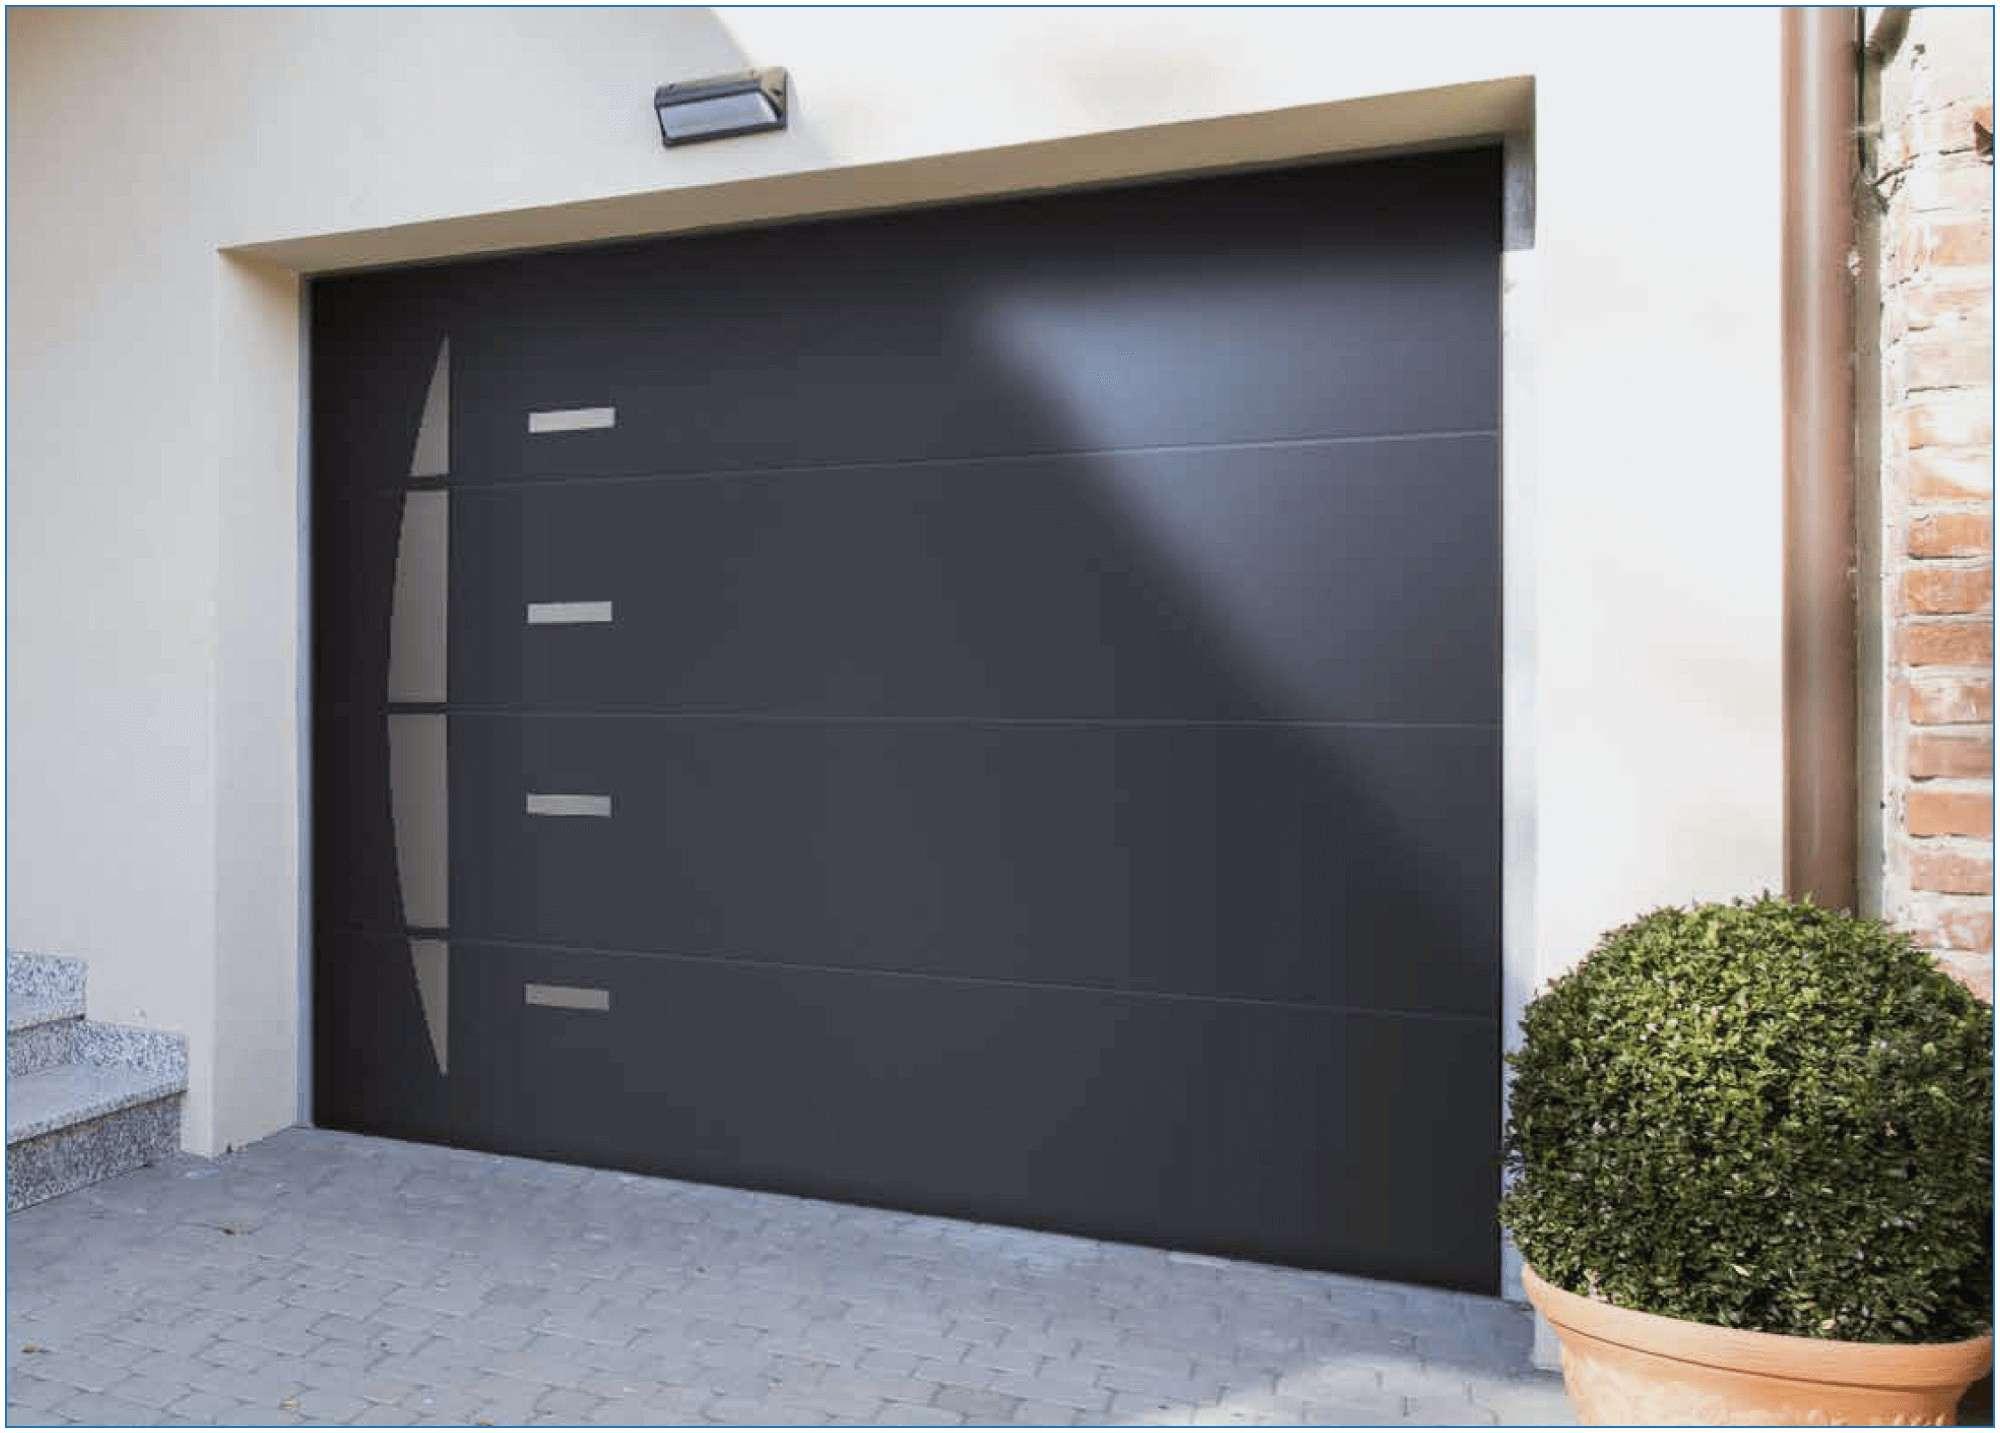 Prix porte de garage sectionnelle avec portillon motoris e bois eco - Porte de garage electrique prix ...